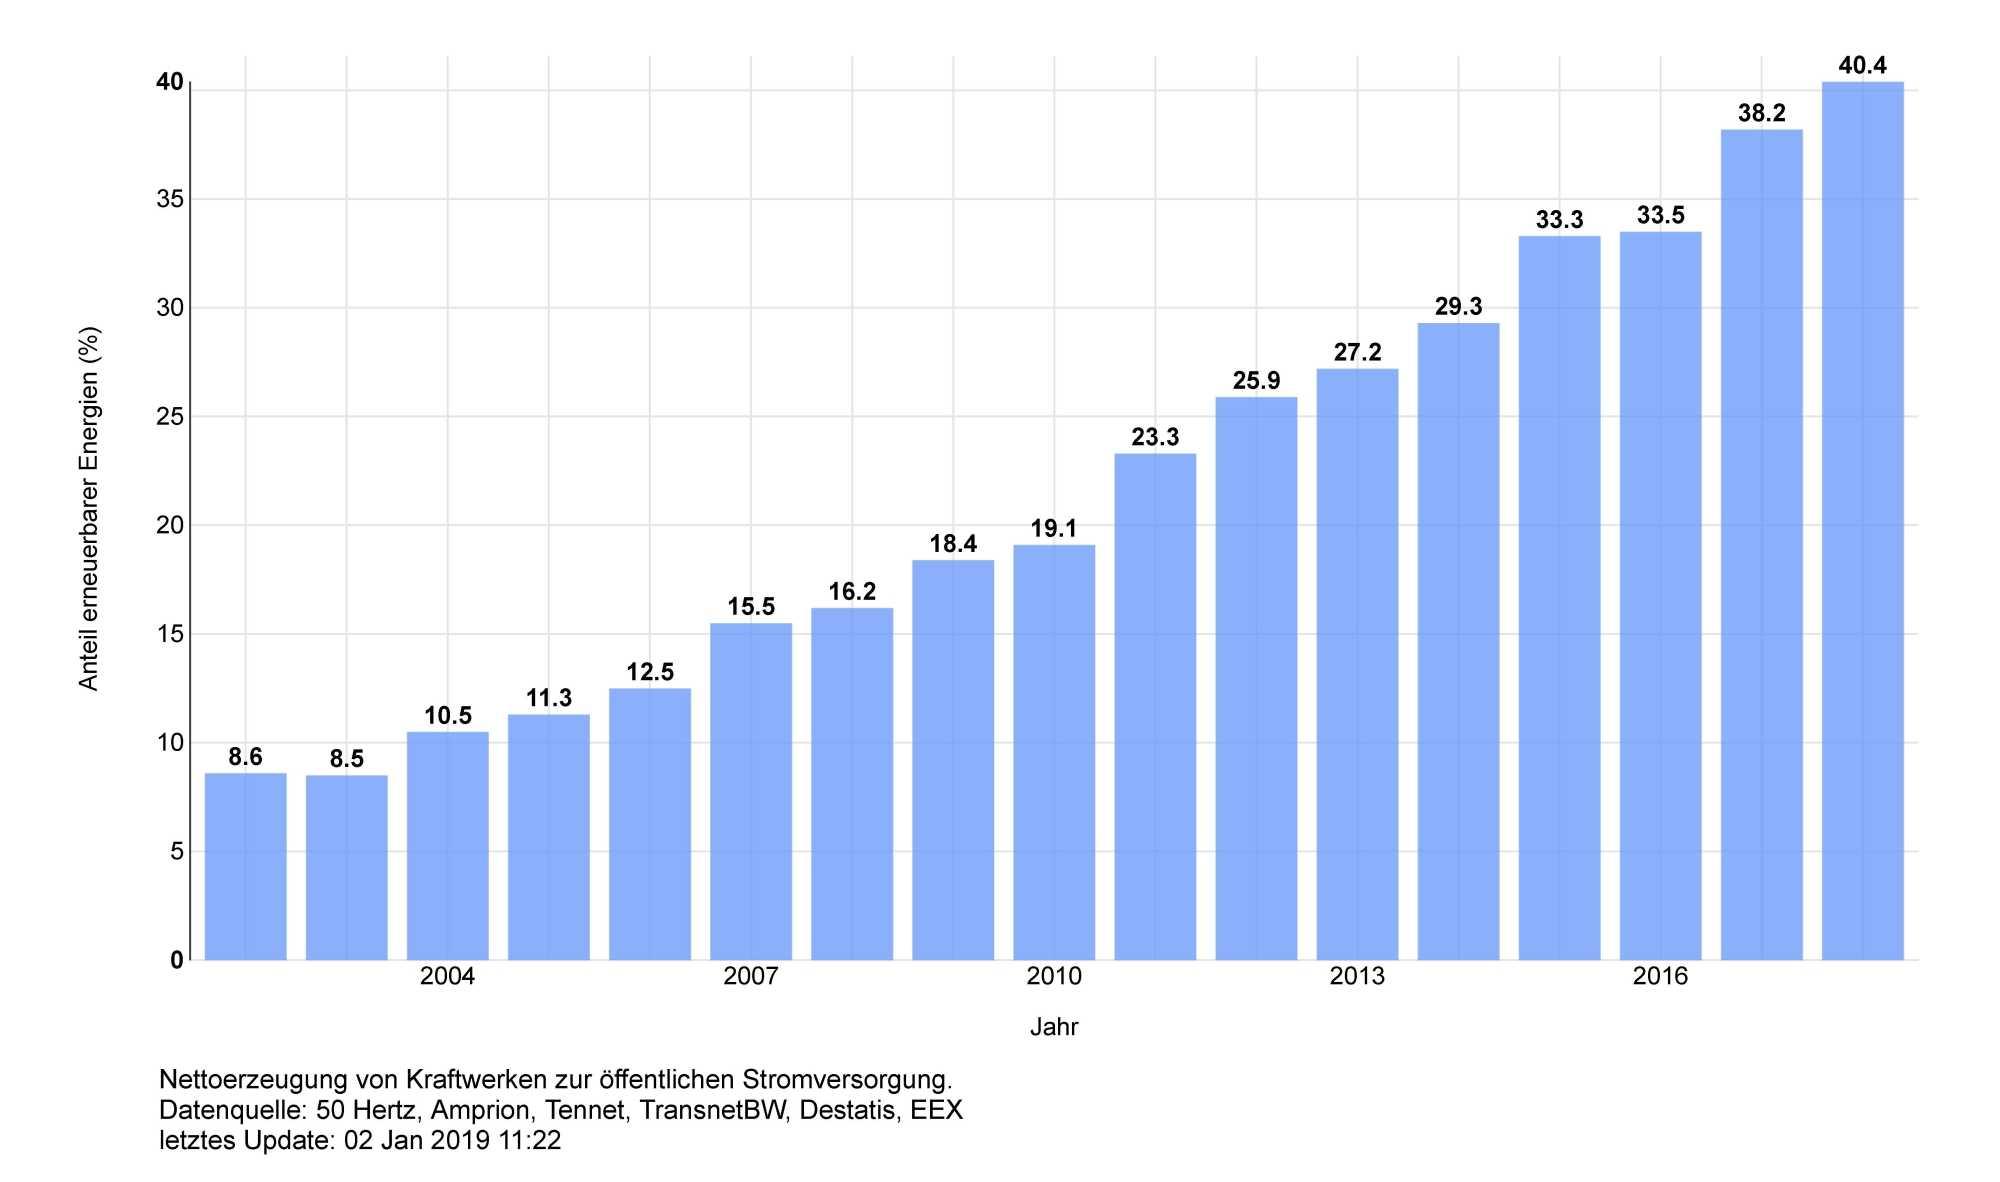 Der Anteil erneuerbarer Energien am Strommix seit 2002.